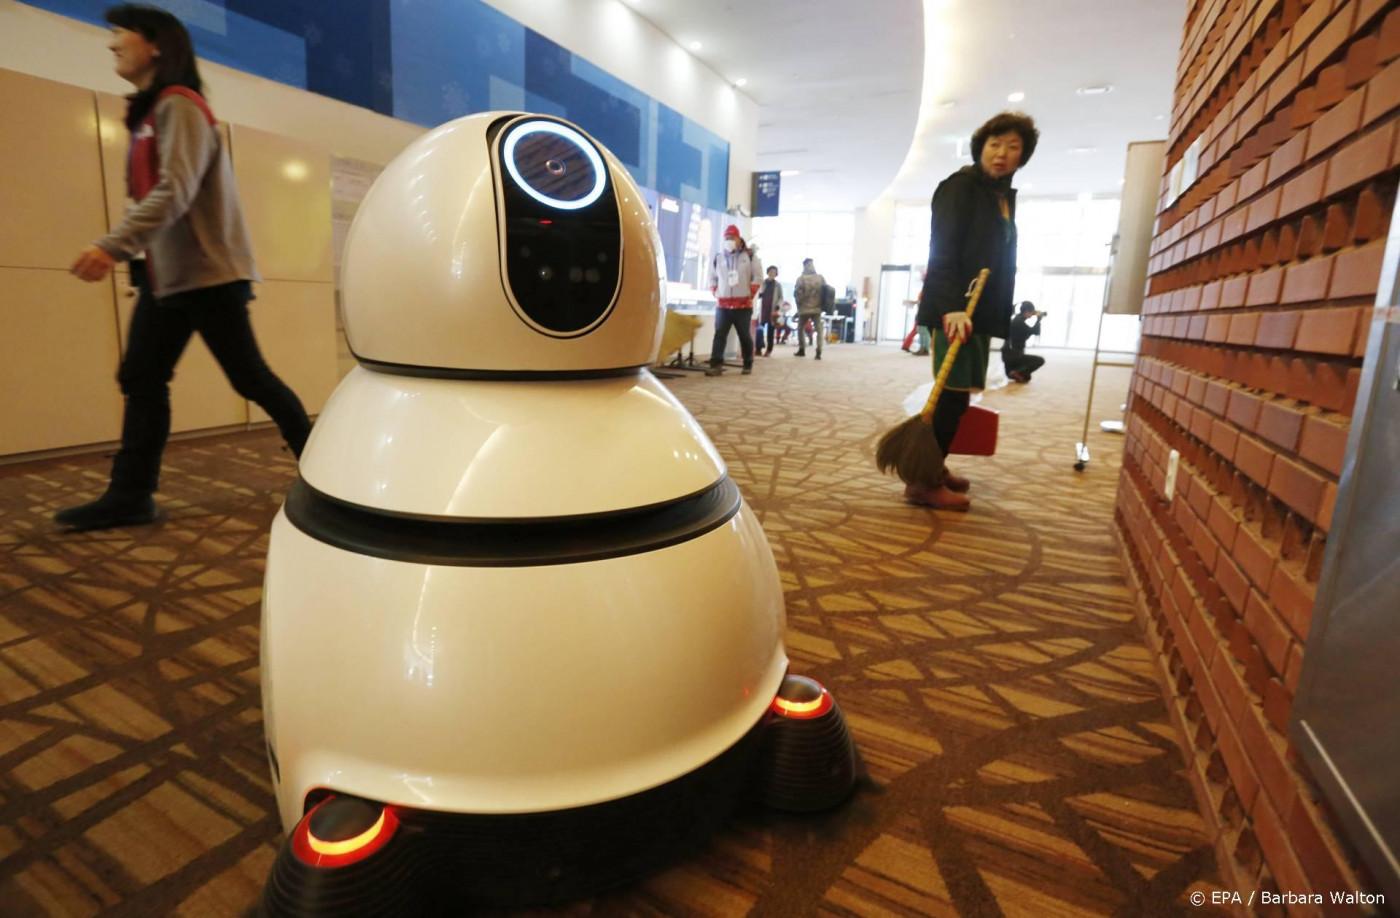 Schoonmaakrobots nemen het werk over tijdens de pandemie